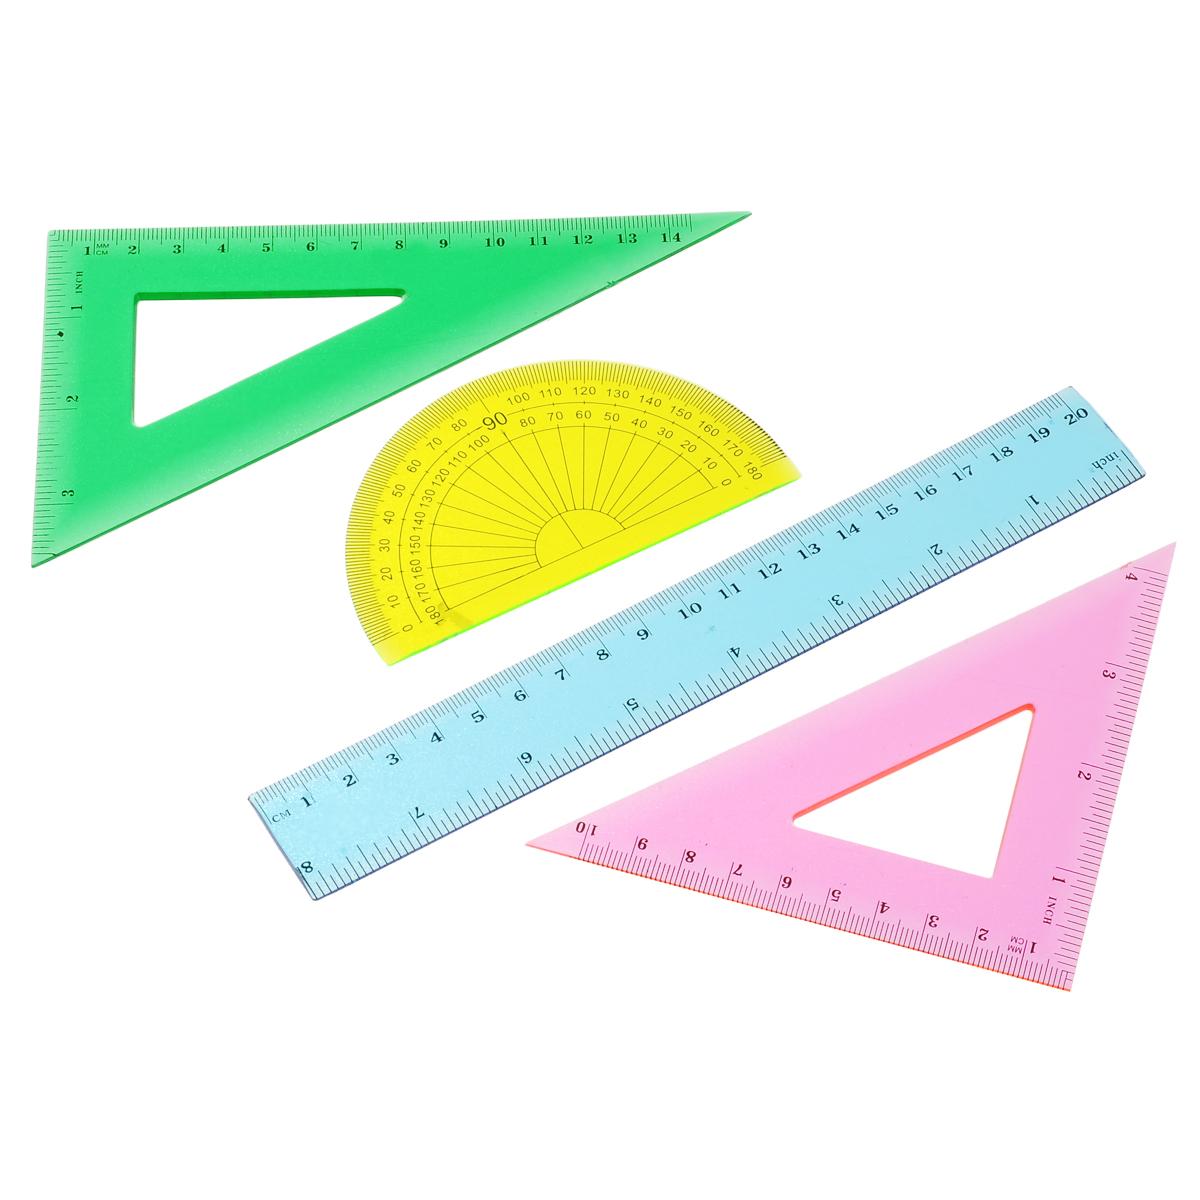 Геометрический набор Proff, 4 предмета. PDS20PDS20Геометрический набор Proff, выполненный из прозрачного пластика можно носить повсюду. Набор состоит из четырех предметов: линейки на 20 сантиметров, транспортира на 180 градусов и двух угольников. Один угольник с углами 45, 45, 90 градусов, одна сторона угольника представляет собой линейку на 15 сантиметров. Второй угольник с углами 30, 60, 90 градусов и линейкой на 11 сантиметров. Разметка шкалы нанесена на внутреннюю поверхность чертежных принадлежностей, что предотвращает ее истирание. Каждый чертежный инструмент имеет свои функциональные особенности, что делает работу с ними особенно удобной и легкой. УВАЖАЕМЫЕ КЛИЕНТЫ! Обращаем ваше внимание на ассортимент в цветовом дизайне товара. Поставка осуществляется в зависимости от наличия на складе.